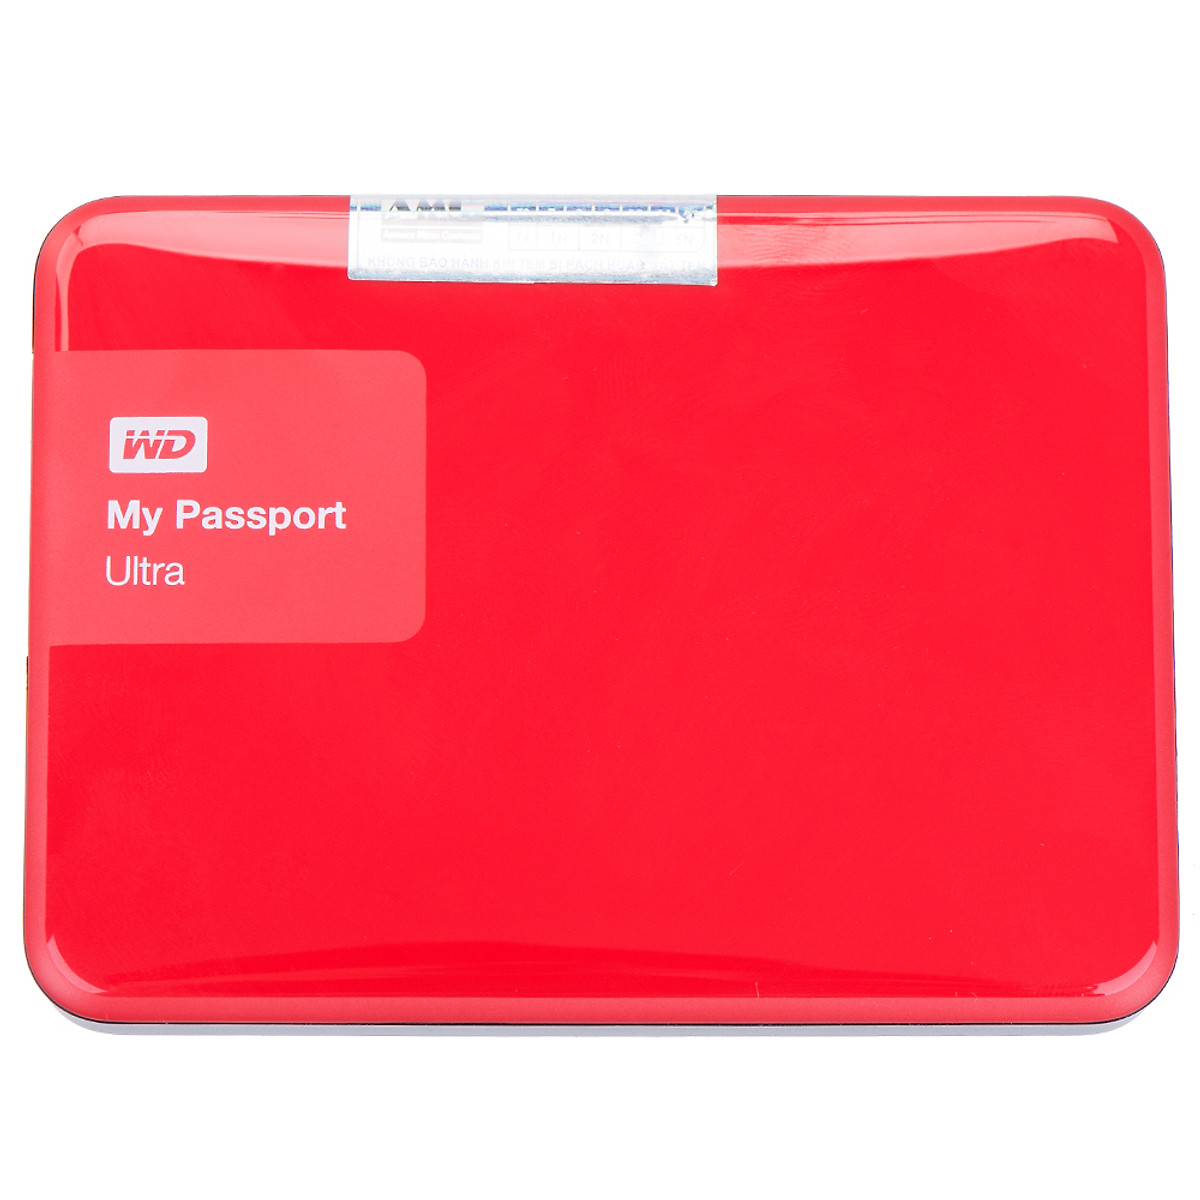 Ổ Cứng Di Động WD My Passport Ultra 500GB (New) – Hàng Chính Hãng